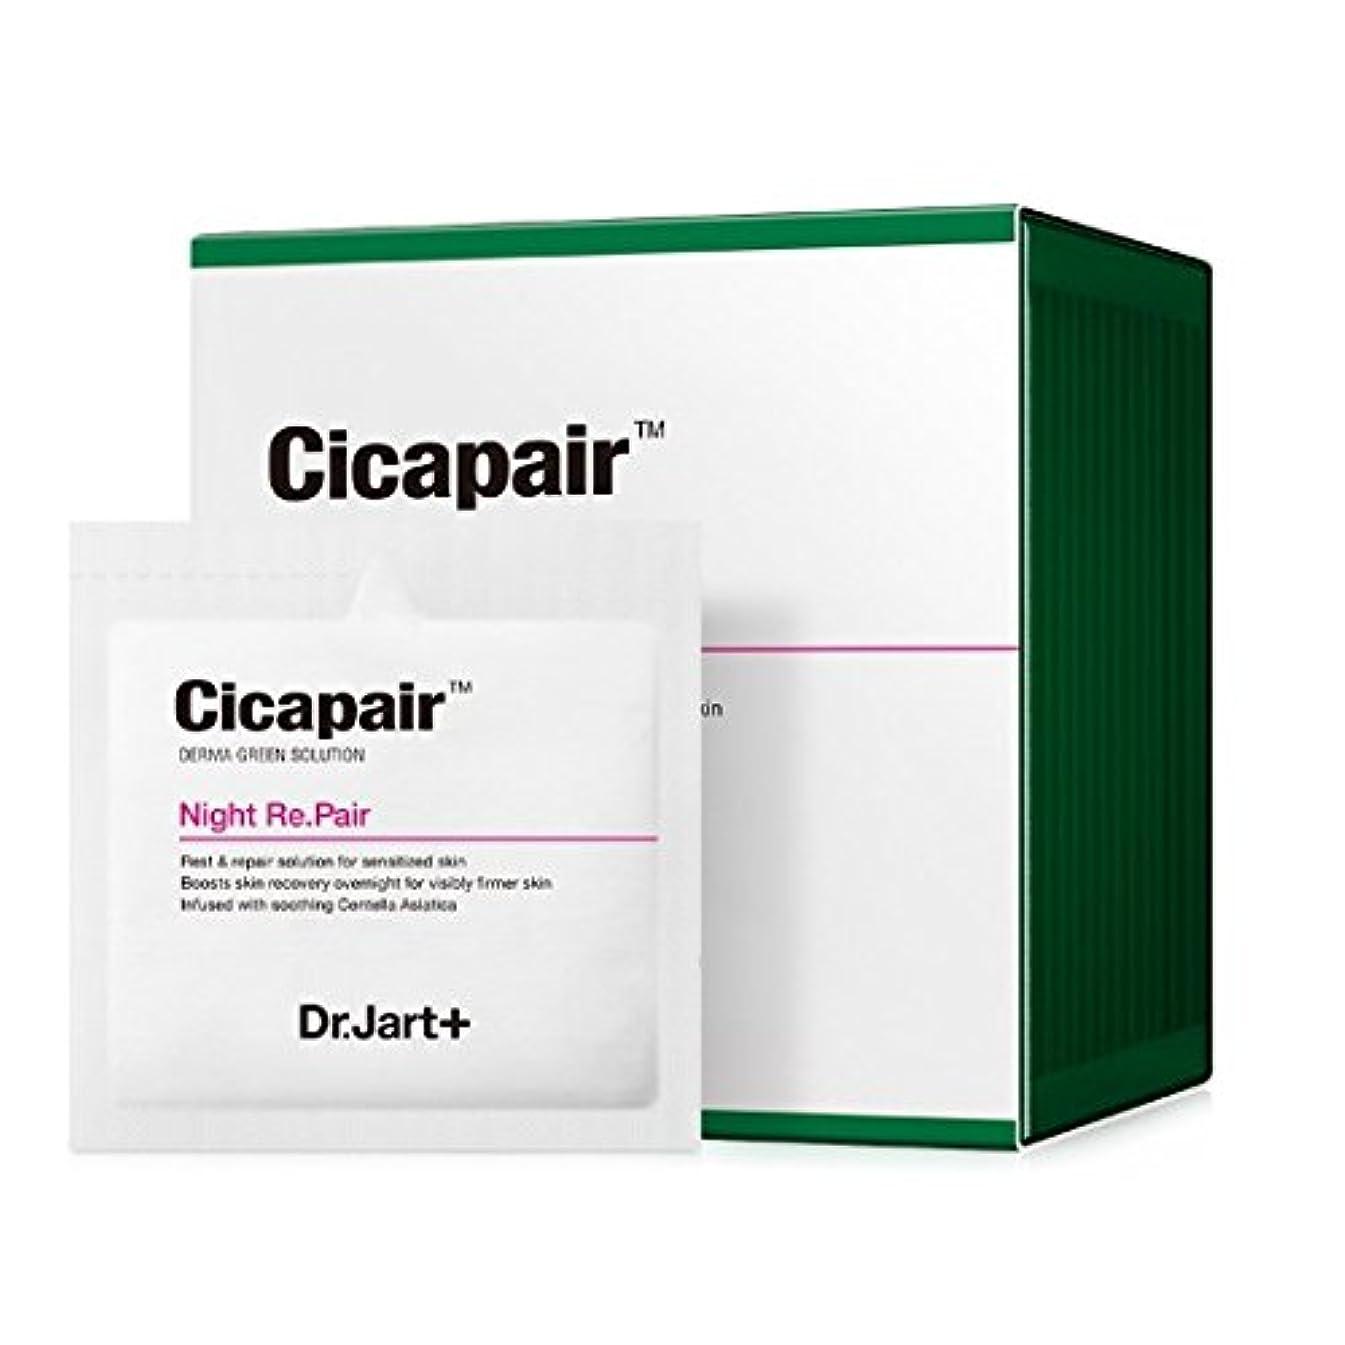 引用ペア取るに足らない[Dr.Jart+] Cicapair Night Re.Pair Cream 3ml X 30pcs ドクタージャルトシカペアナイトリペアークリーム [並行輸入品]